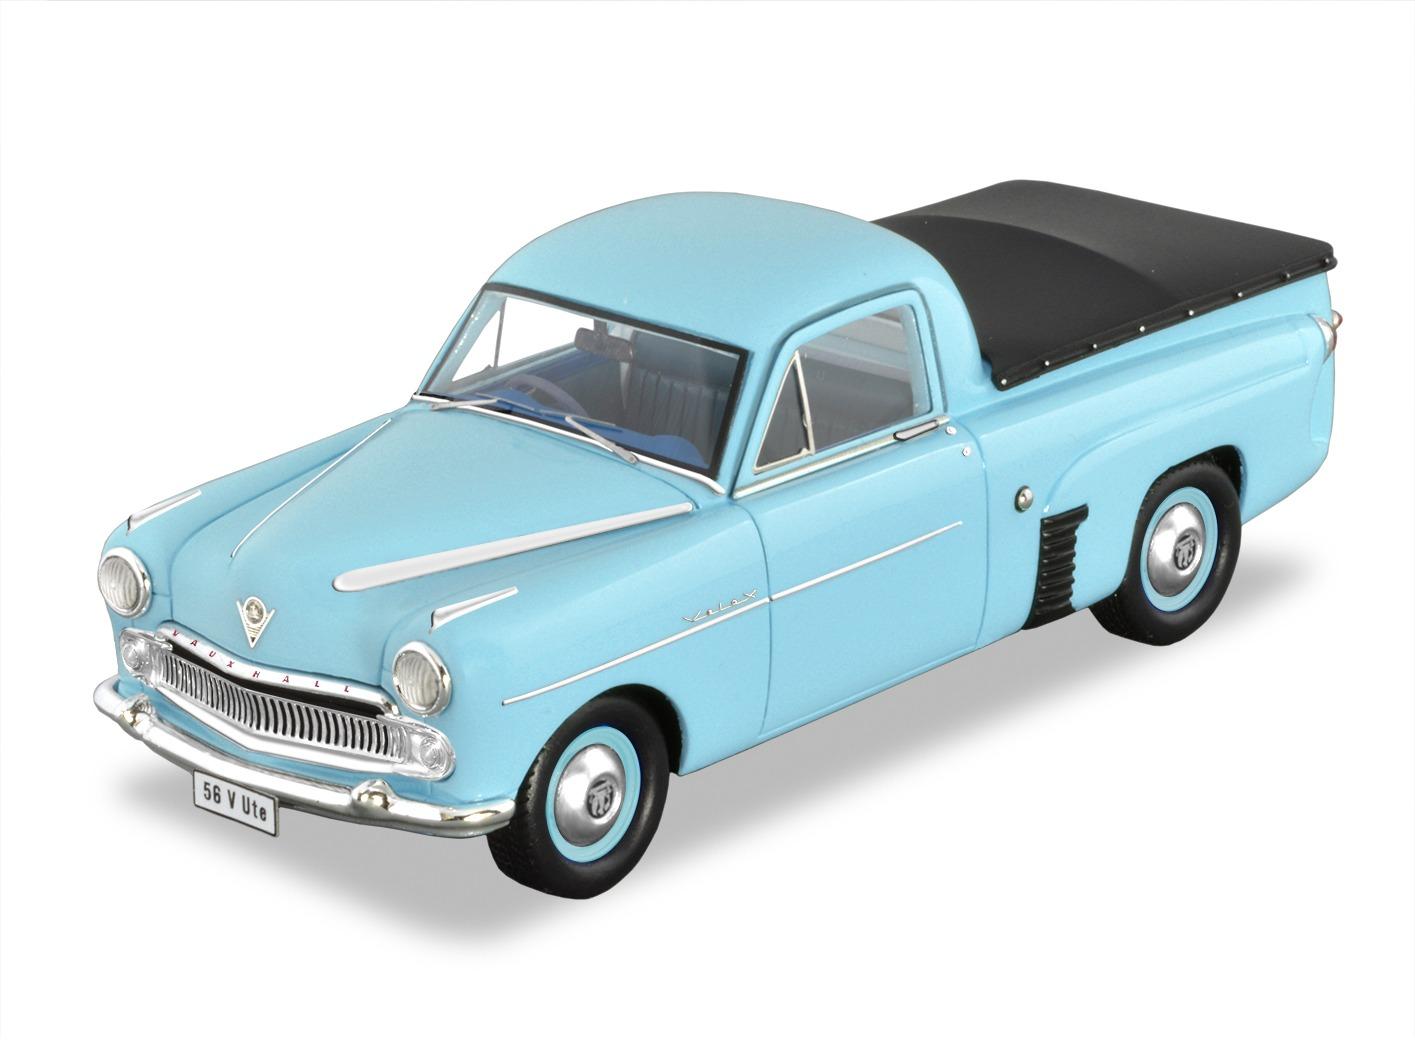 1956 Vauxhall Velox Ute – Blue.